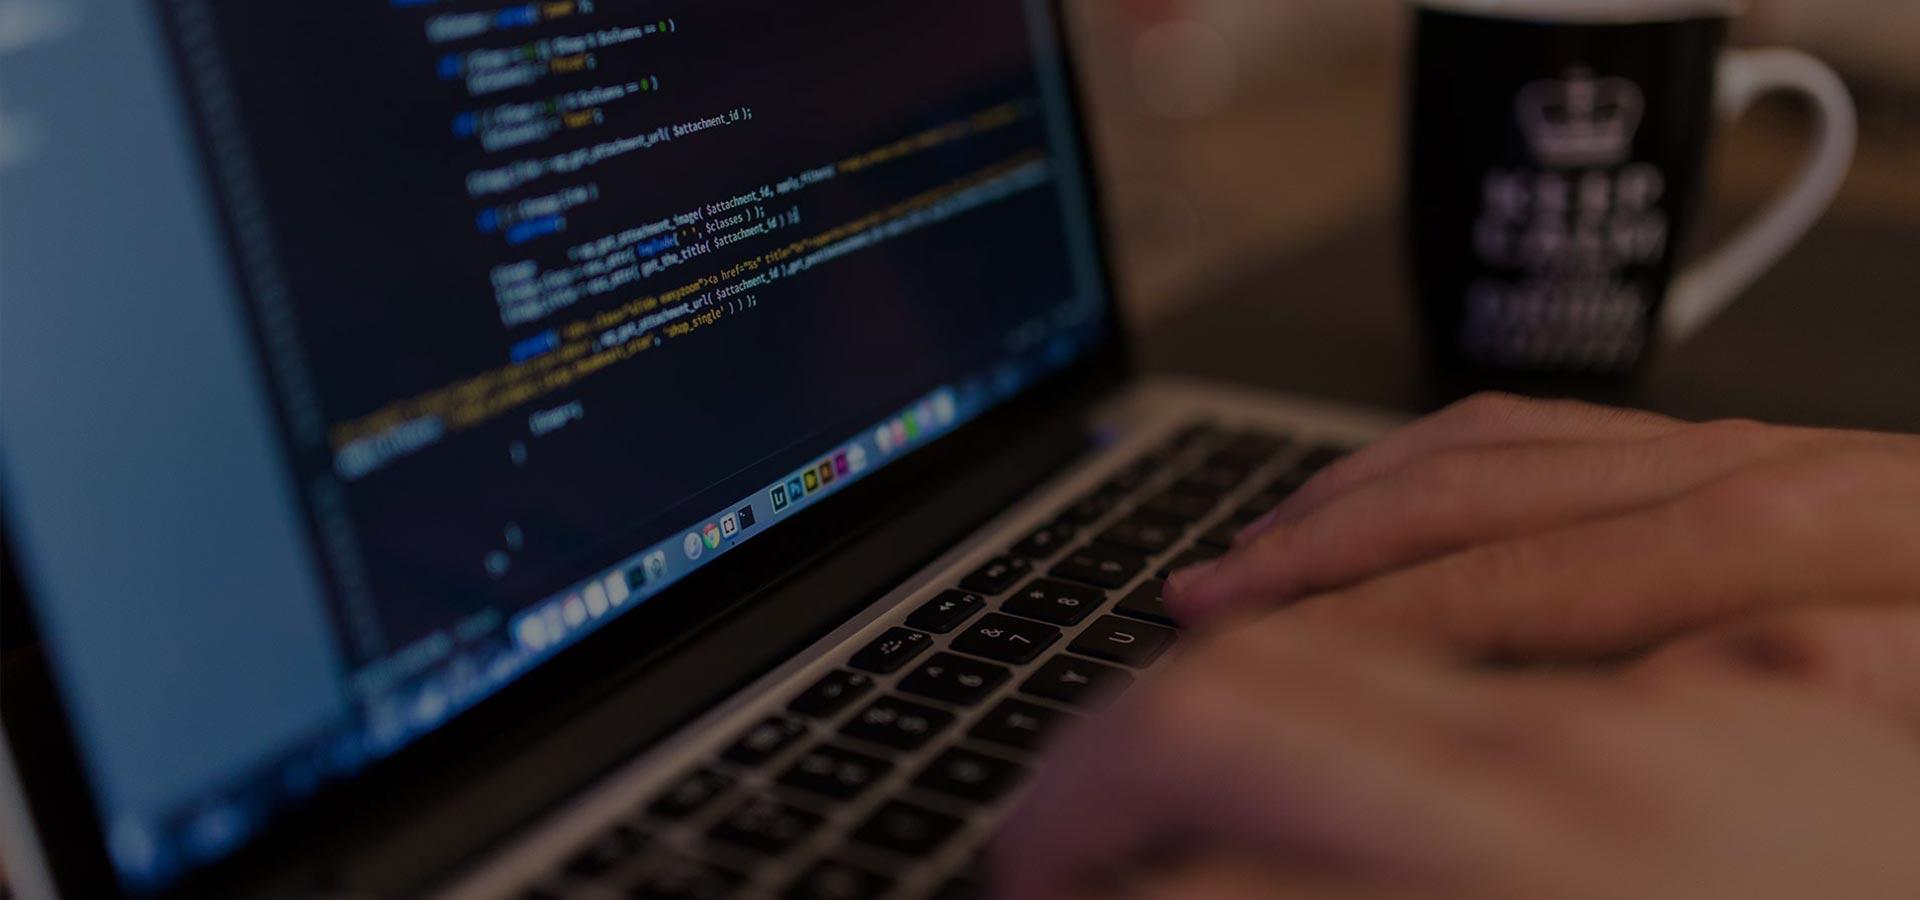 طراحی تخصصی وب سایت ، حاصل ۱۰ سال تجربه